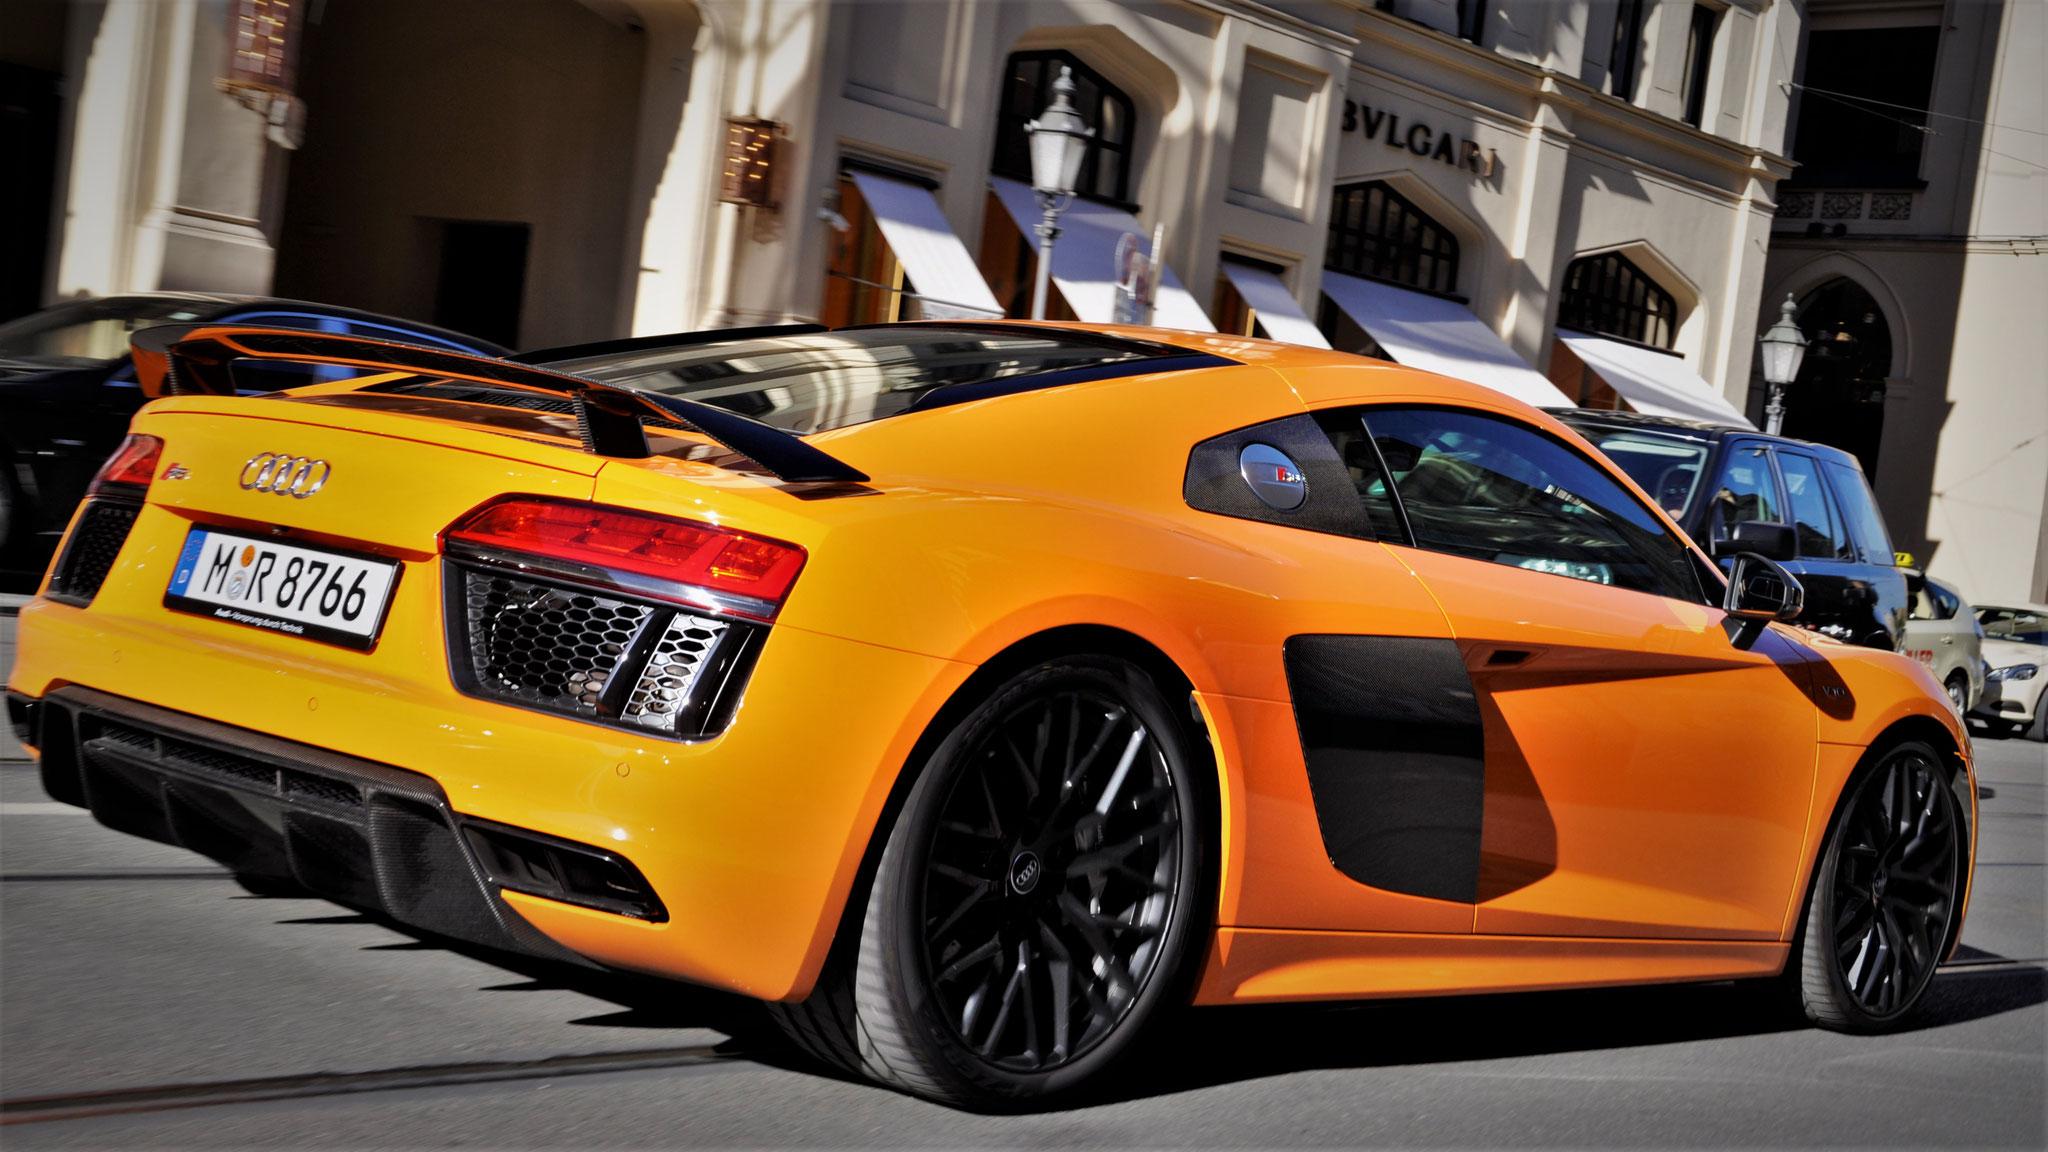 Audi R8 V10 - M-R-8766